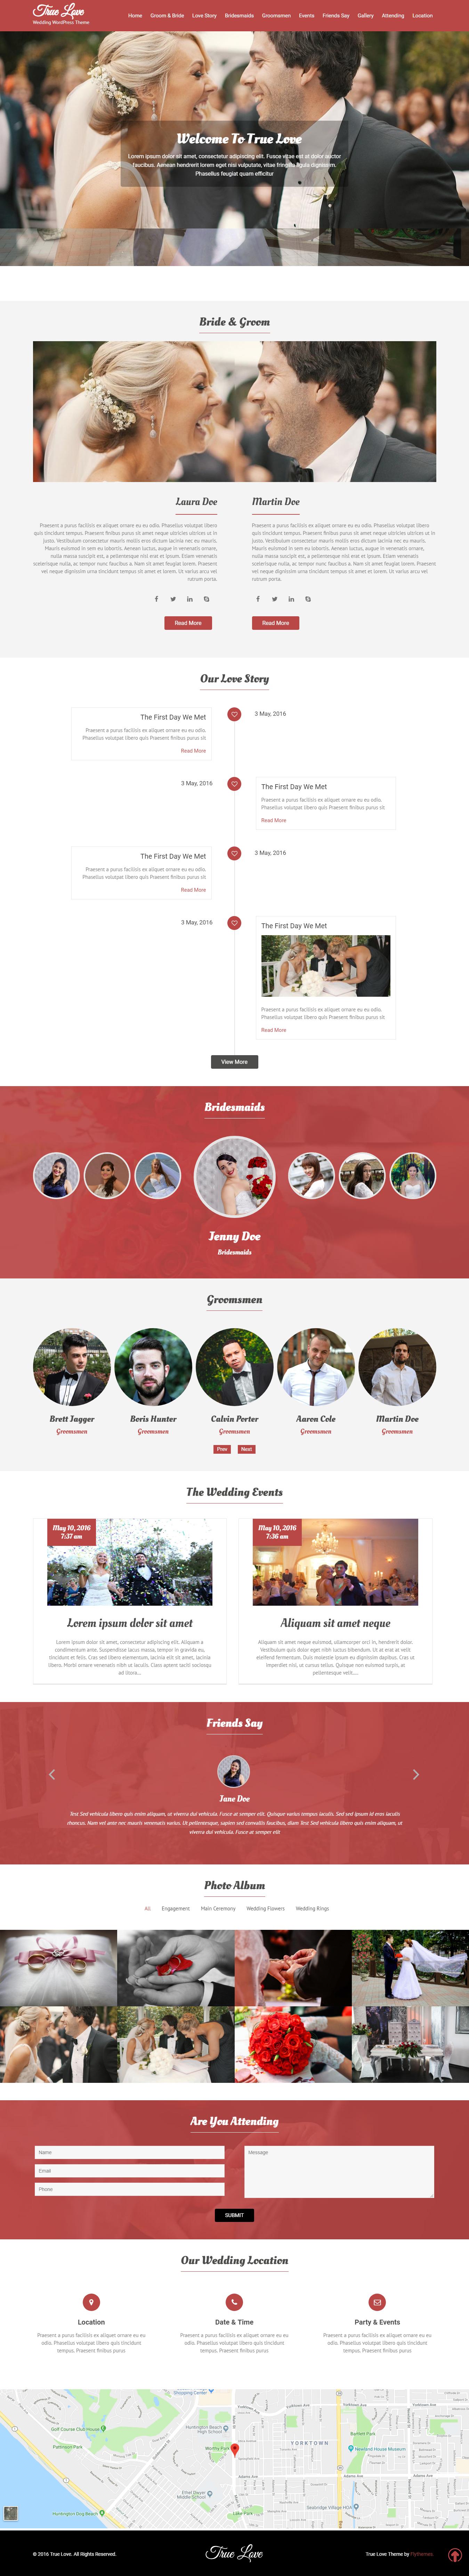 Truelove: el mejor tema gratuito de WordPress para bodas